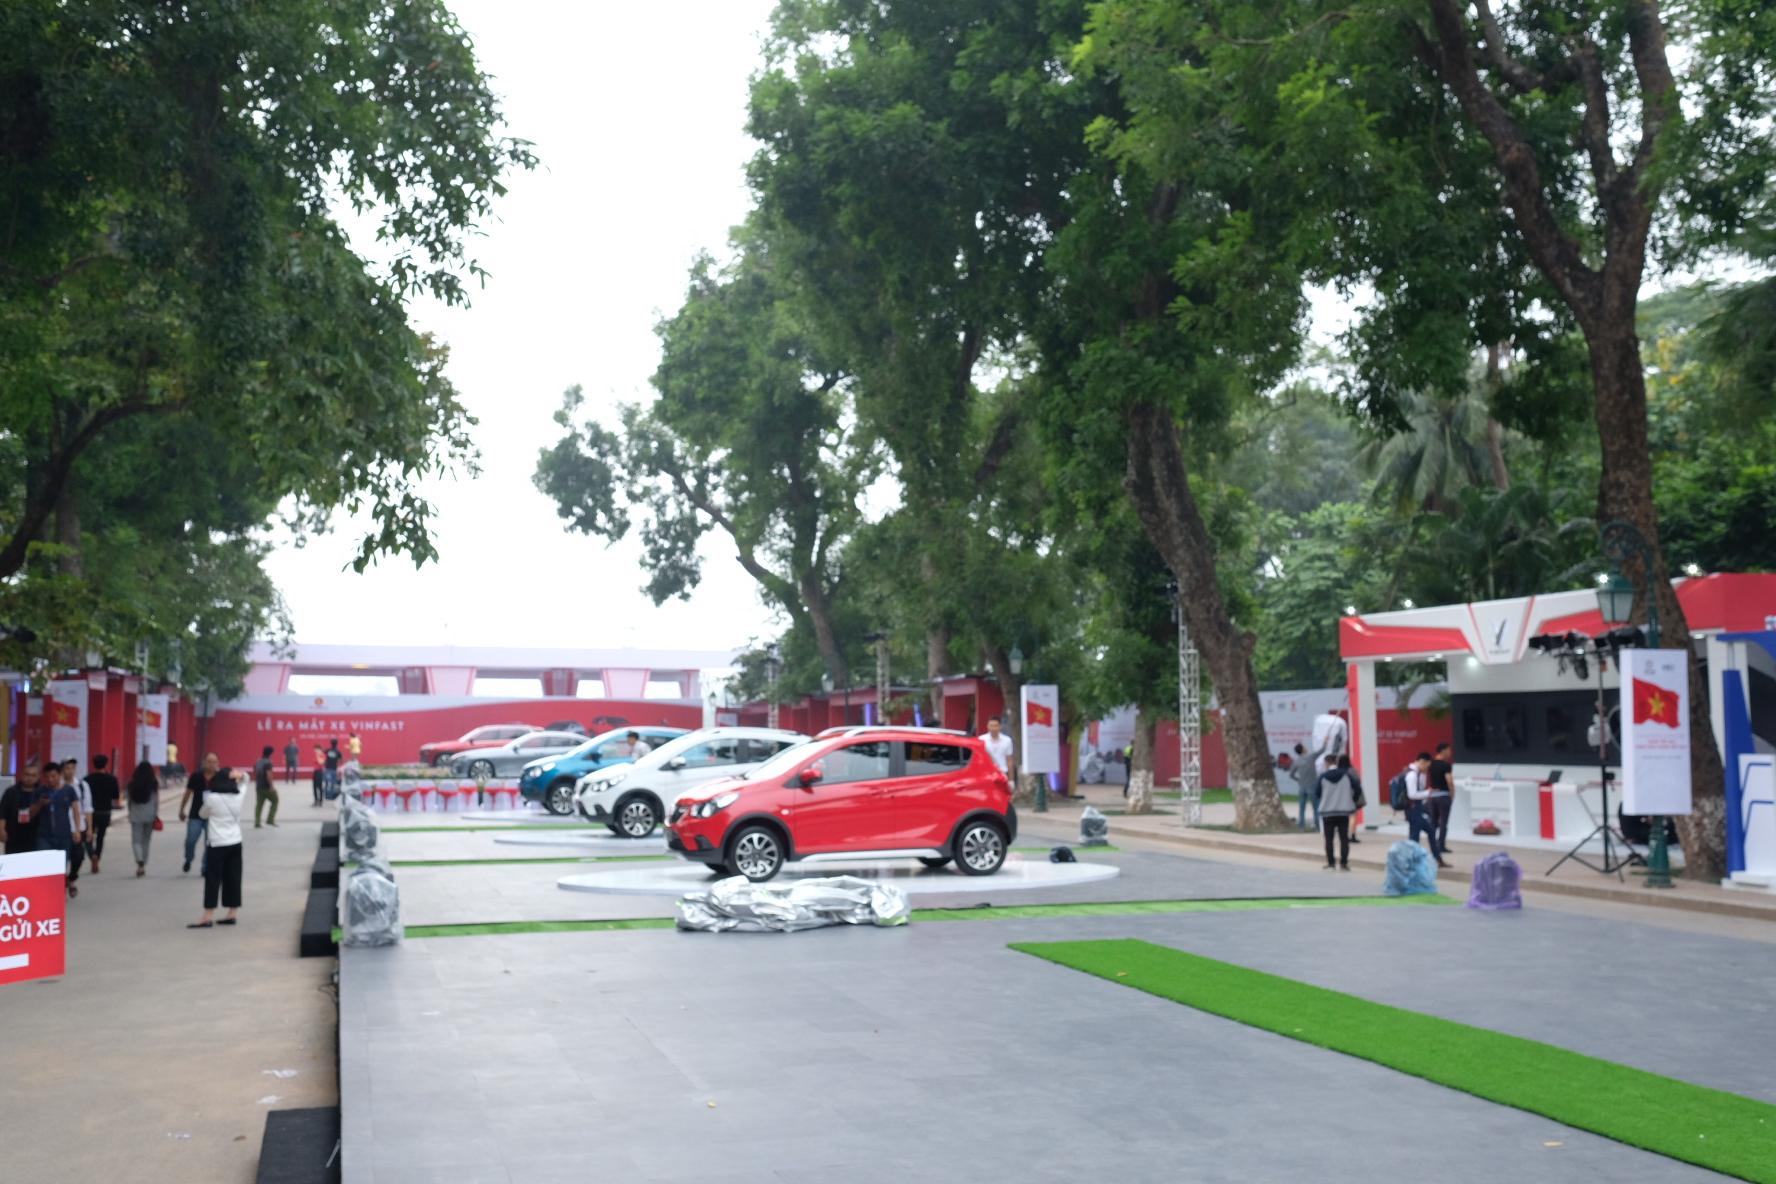 Những hình ảnh mới nhất của ô tô Vinfast chuẩn bị lễ ra mắt tại Hà Nội 23